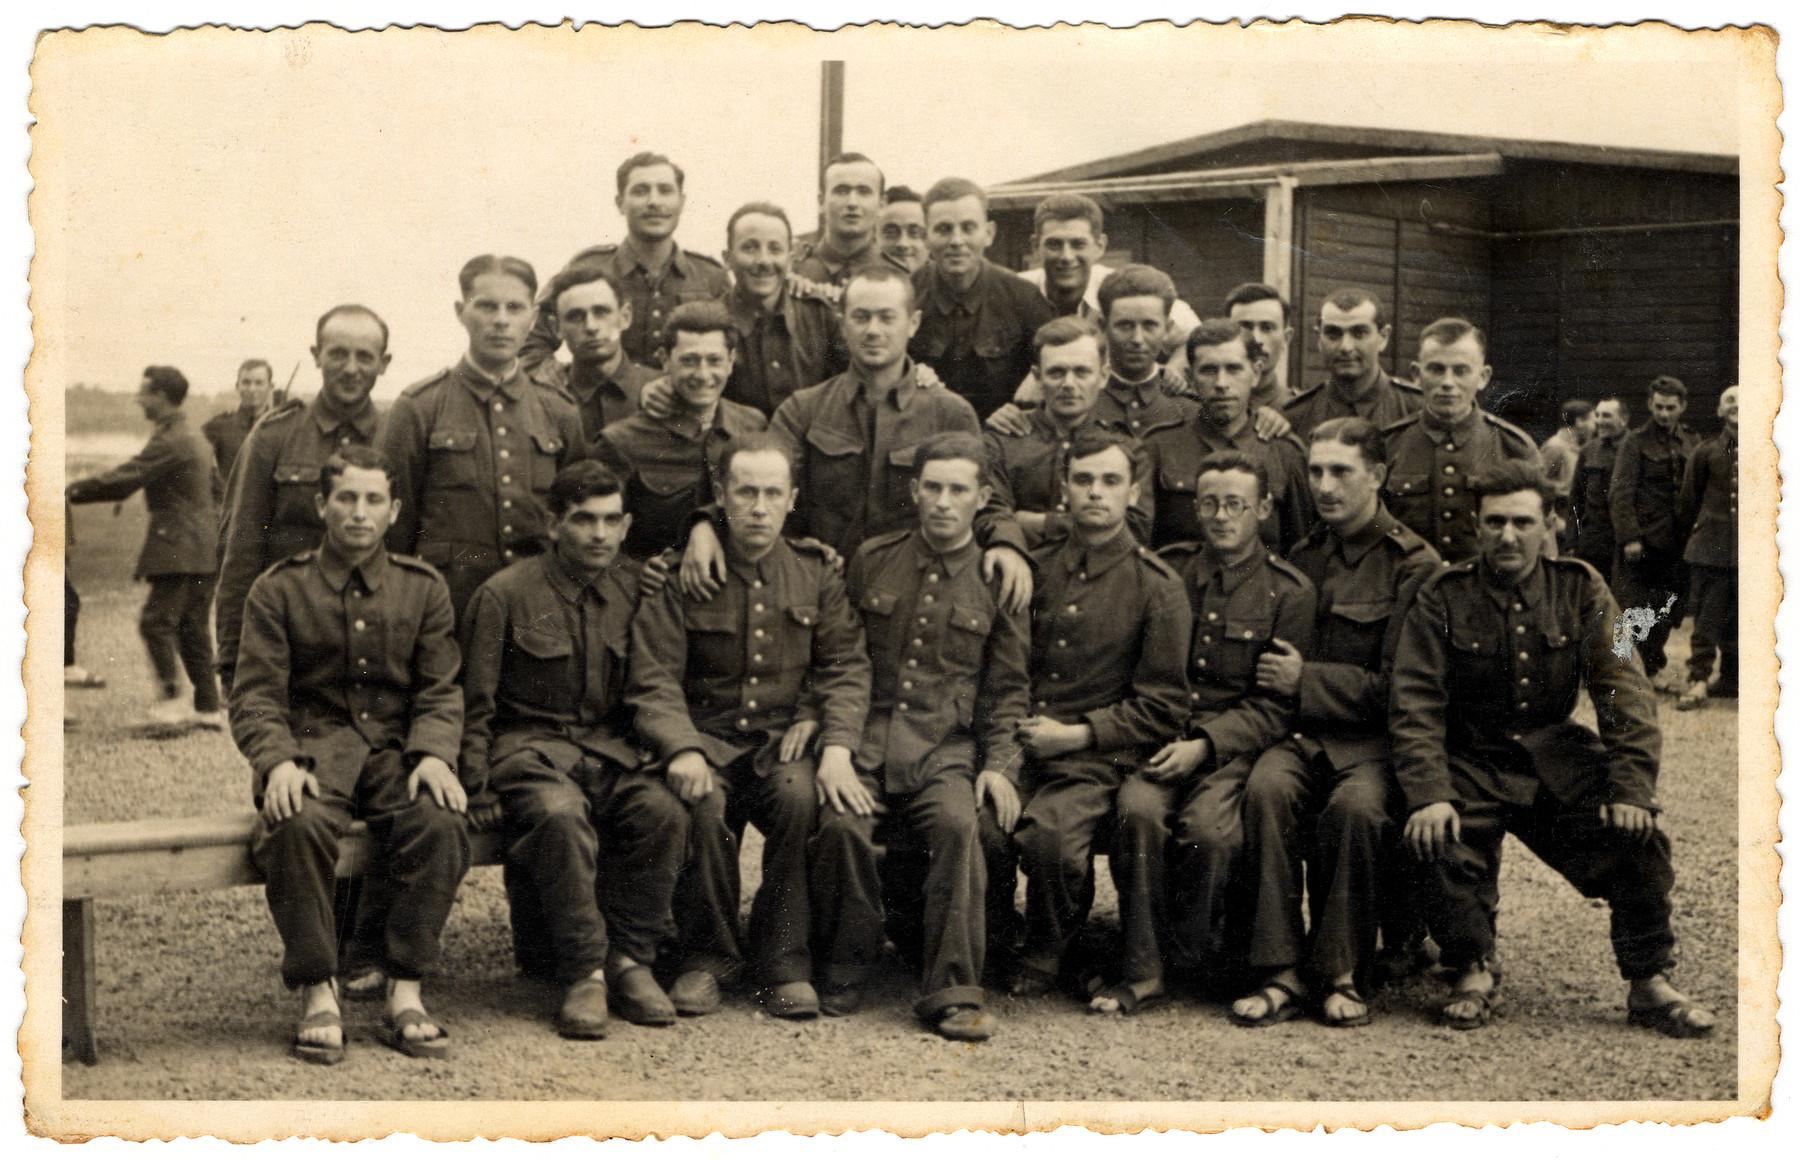 Group portrait of prisoners in the Elsterhorst prisoner of war camp, Stalag IVa.